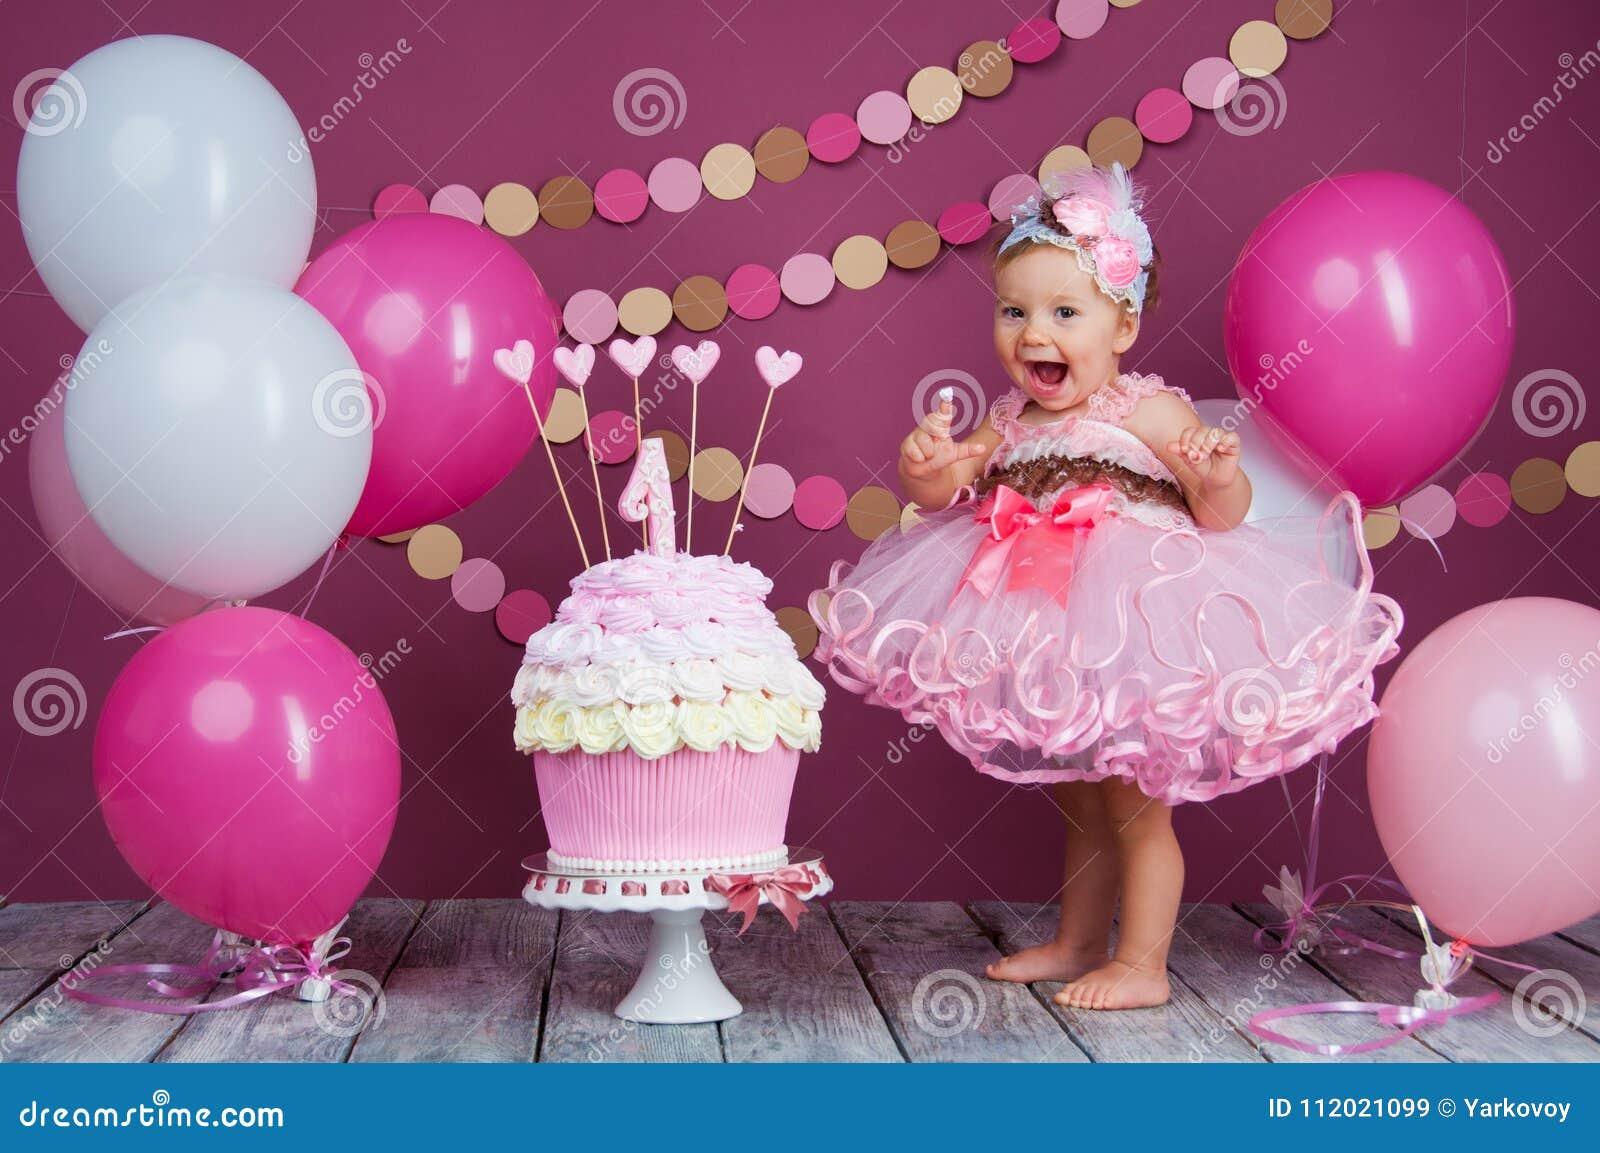 Девушка дня рождения ` s маленькой девочки была смазана в торт Первый торт Польза первого торта Торт огромного успеха